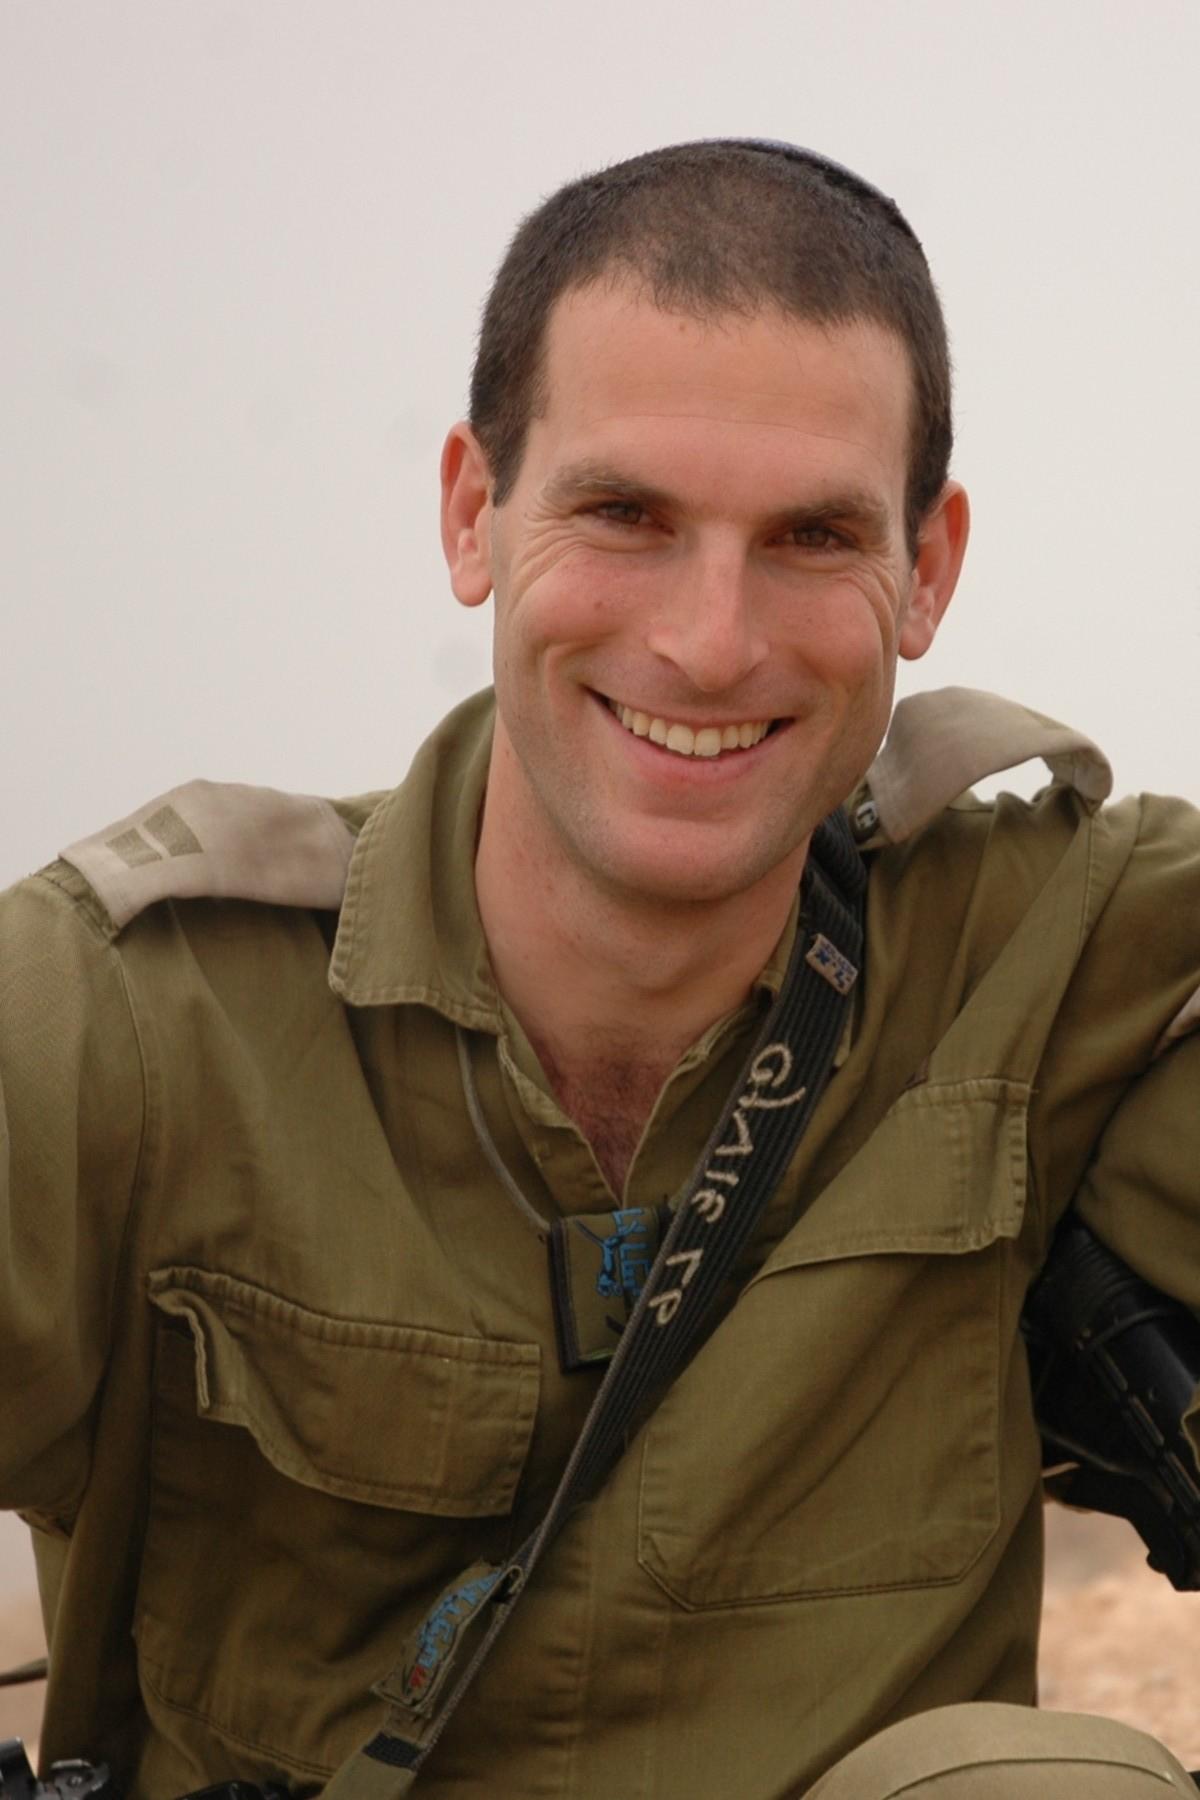 שלמה מפקד מחלקה בנצח יהודה